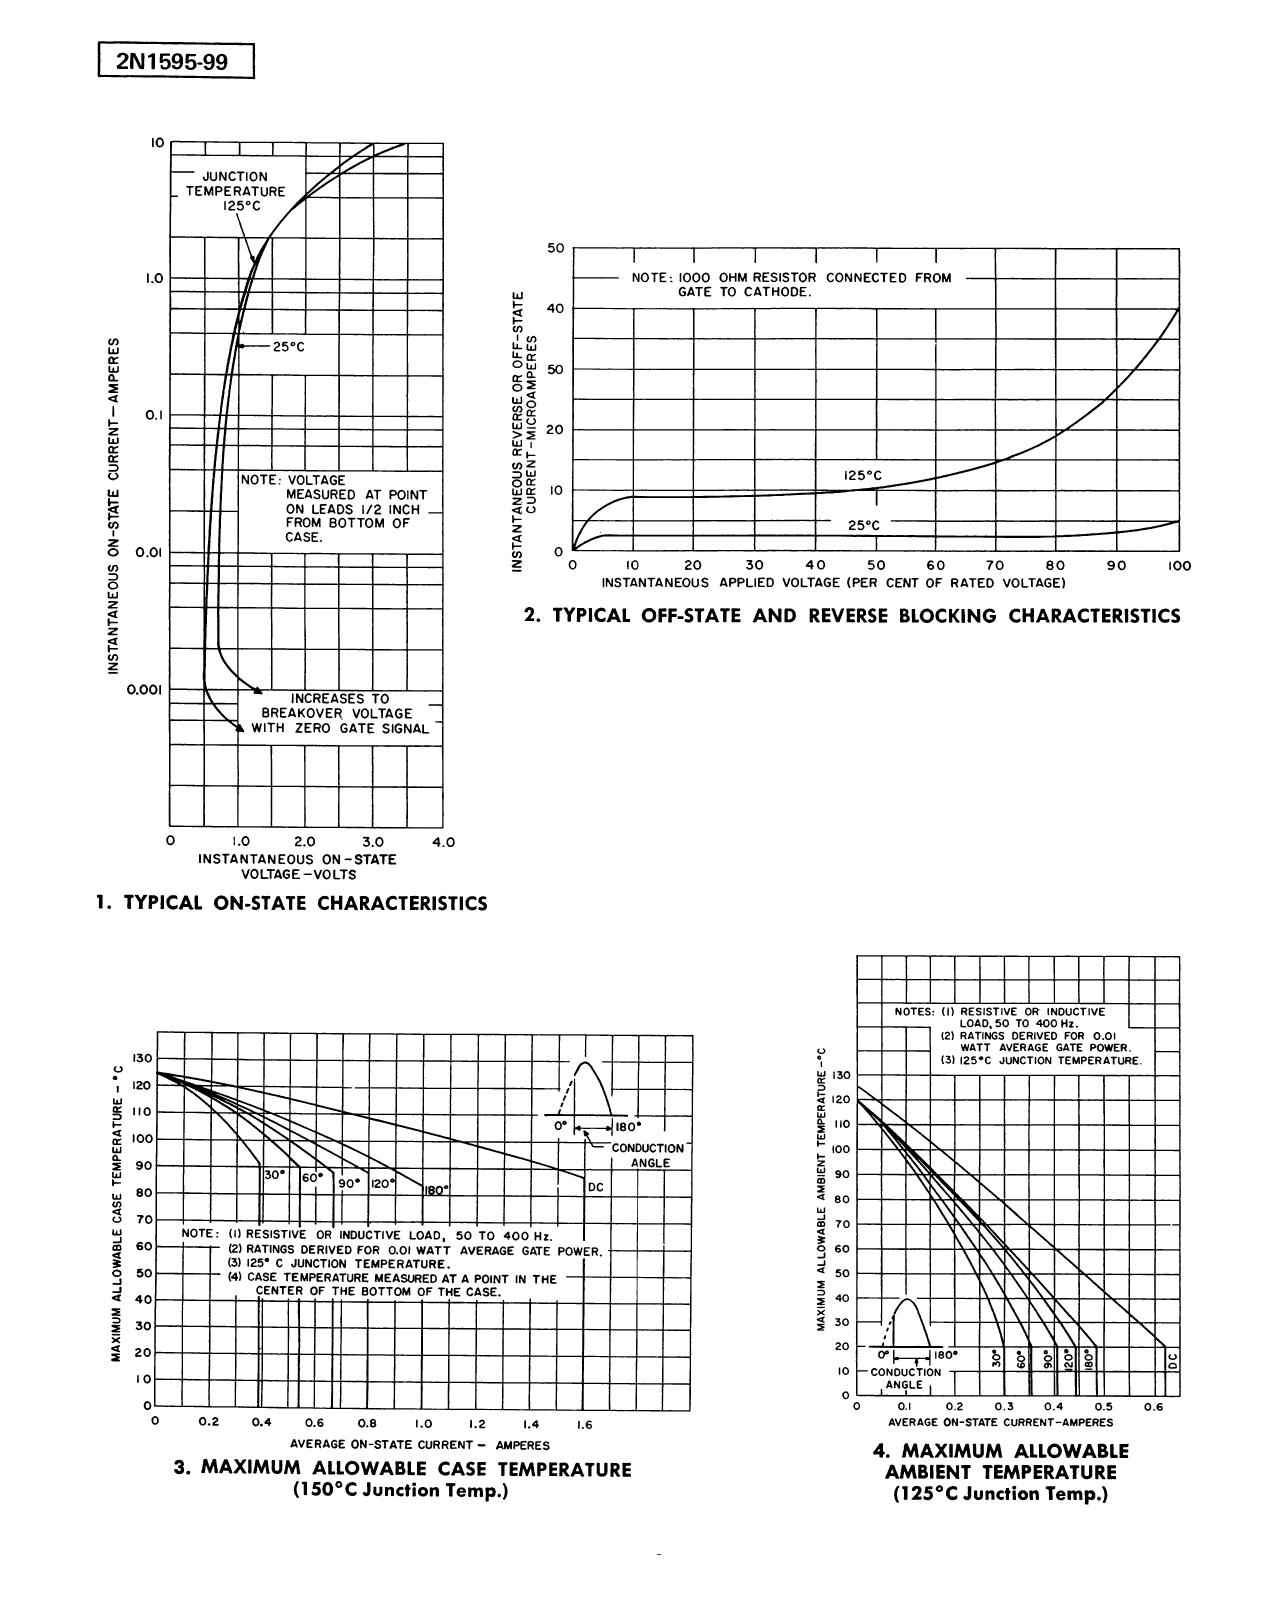 2N1595 pdf, 電子部品, 半導体, ピン配列